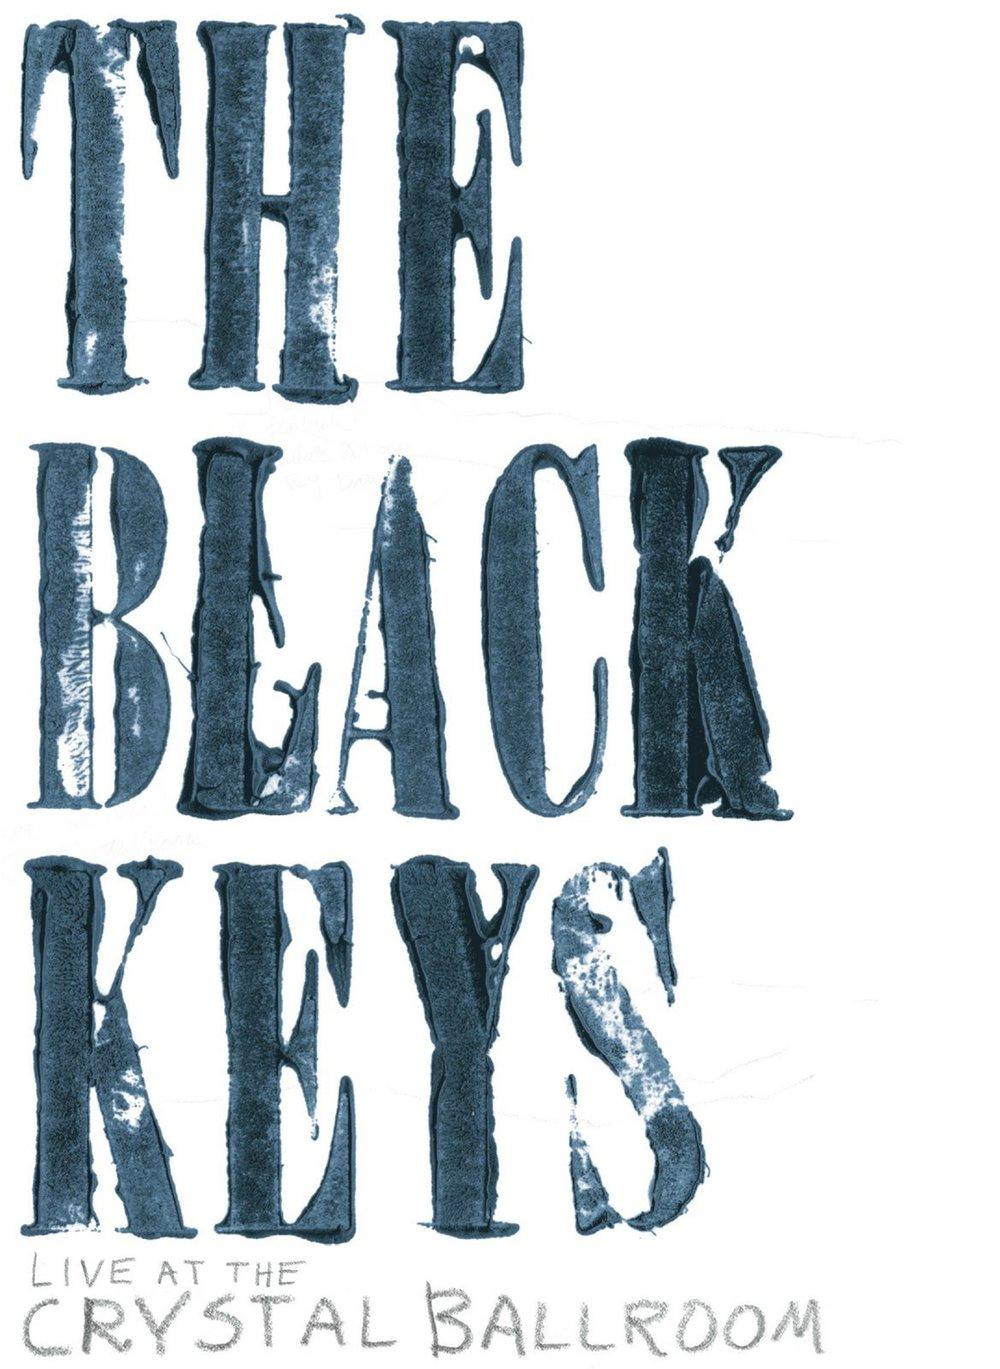 Black Keys- Live at Crystal BallroomI